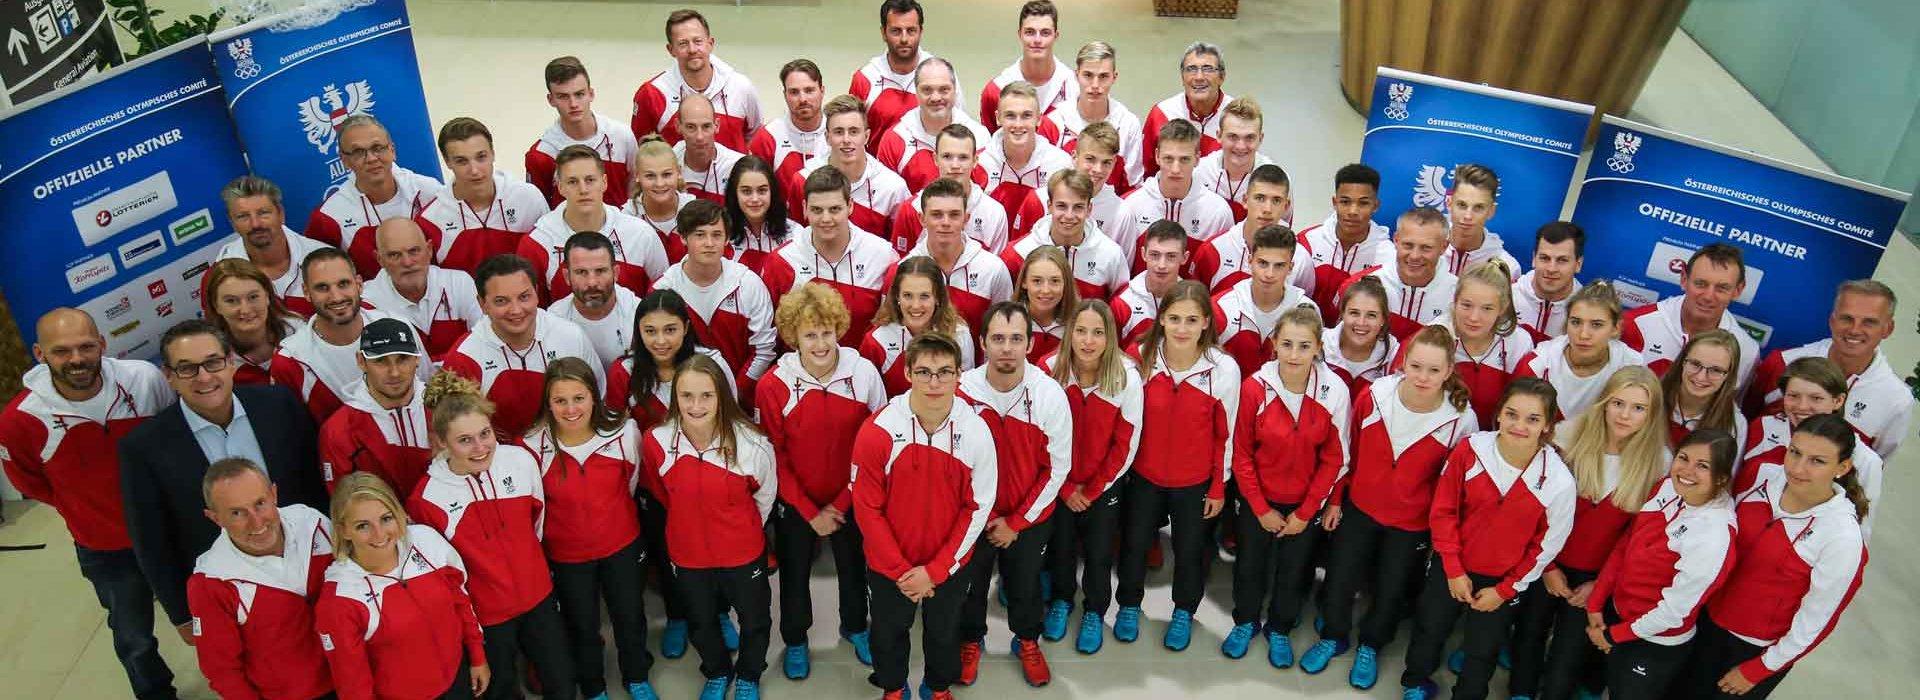 Das Youth Olympic Team Austria ist in Buenos Aires mit 21 Mädchen und 20 Burschen in insgesamt 13 Sportarten mit Sportminister Heinz Christian Strache